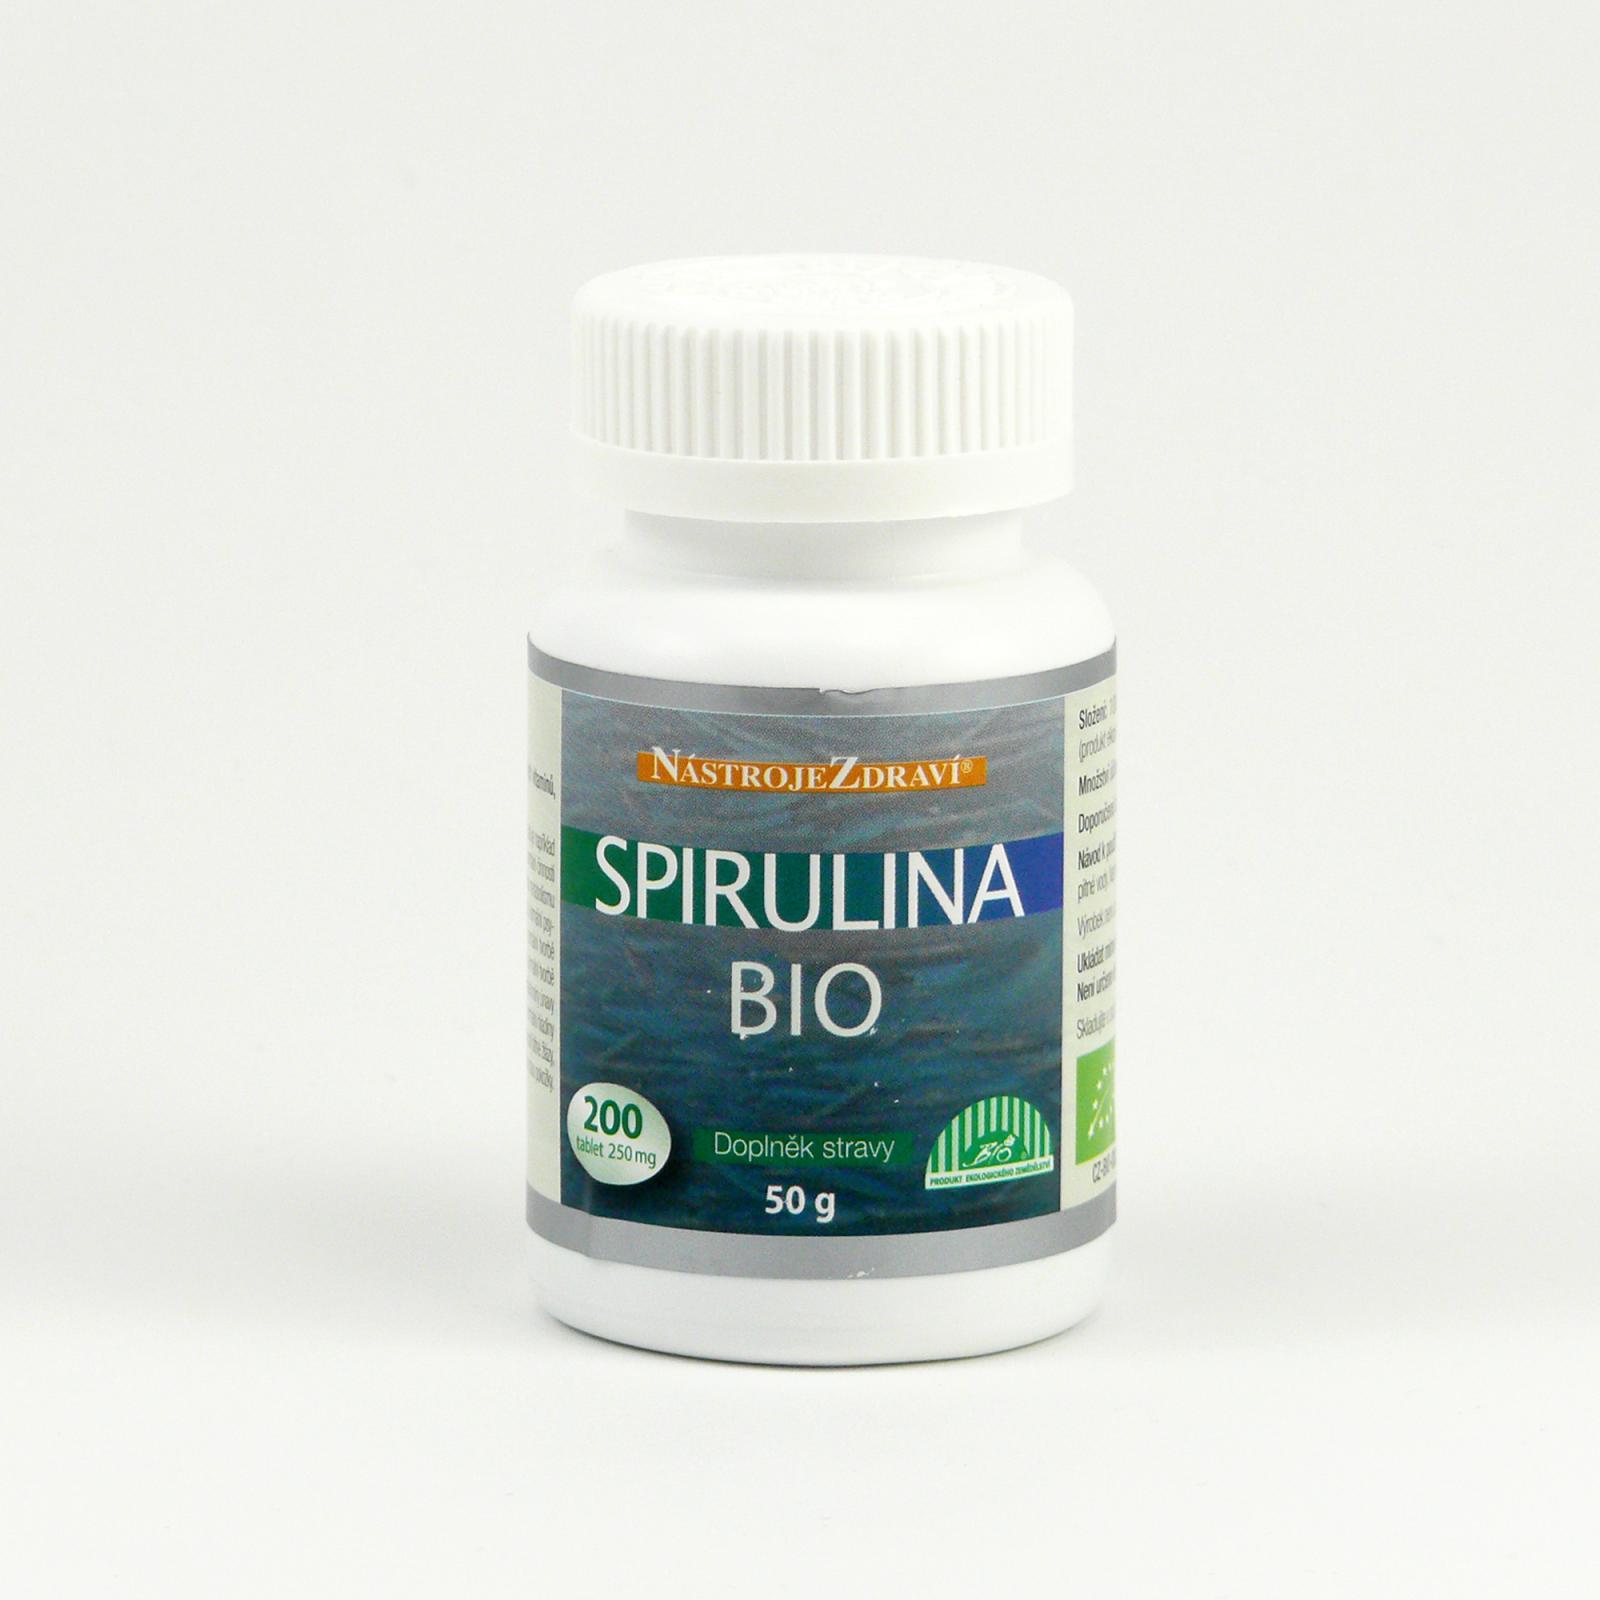 Nástroje Zdraví Spirulina extra bio, tablety 200 ks, 50 g